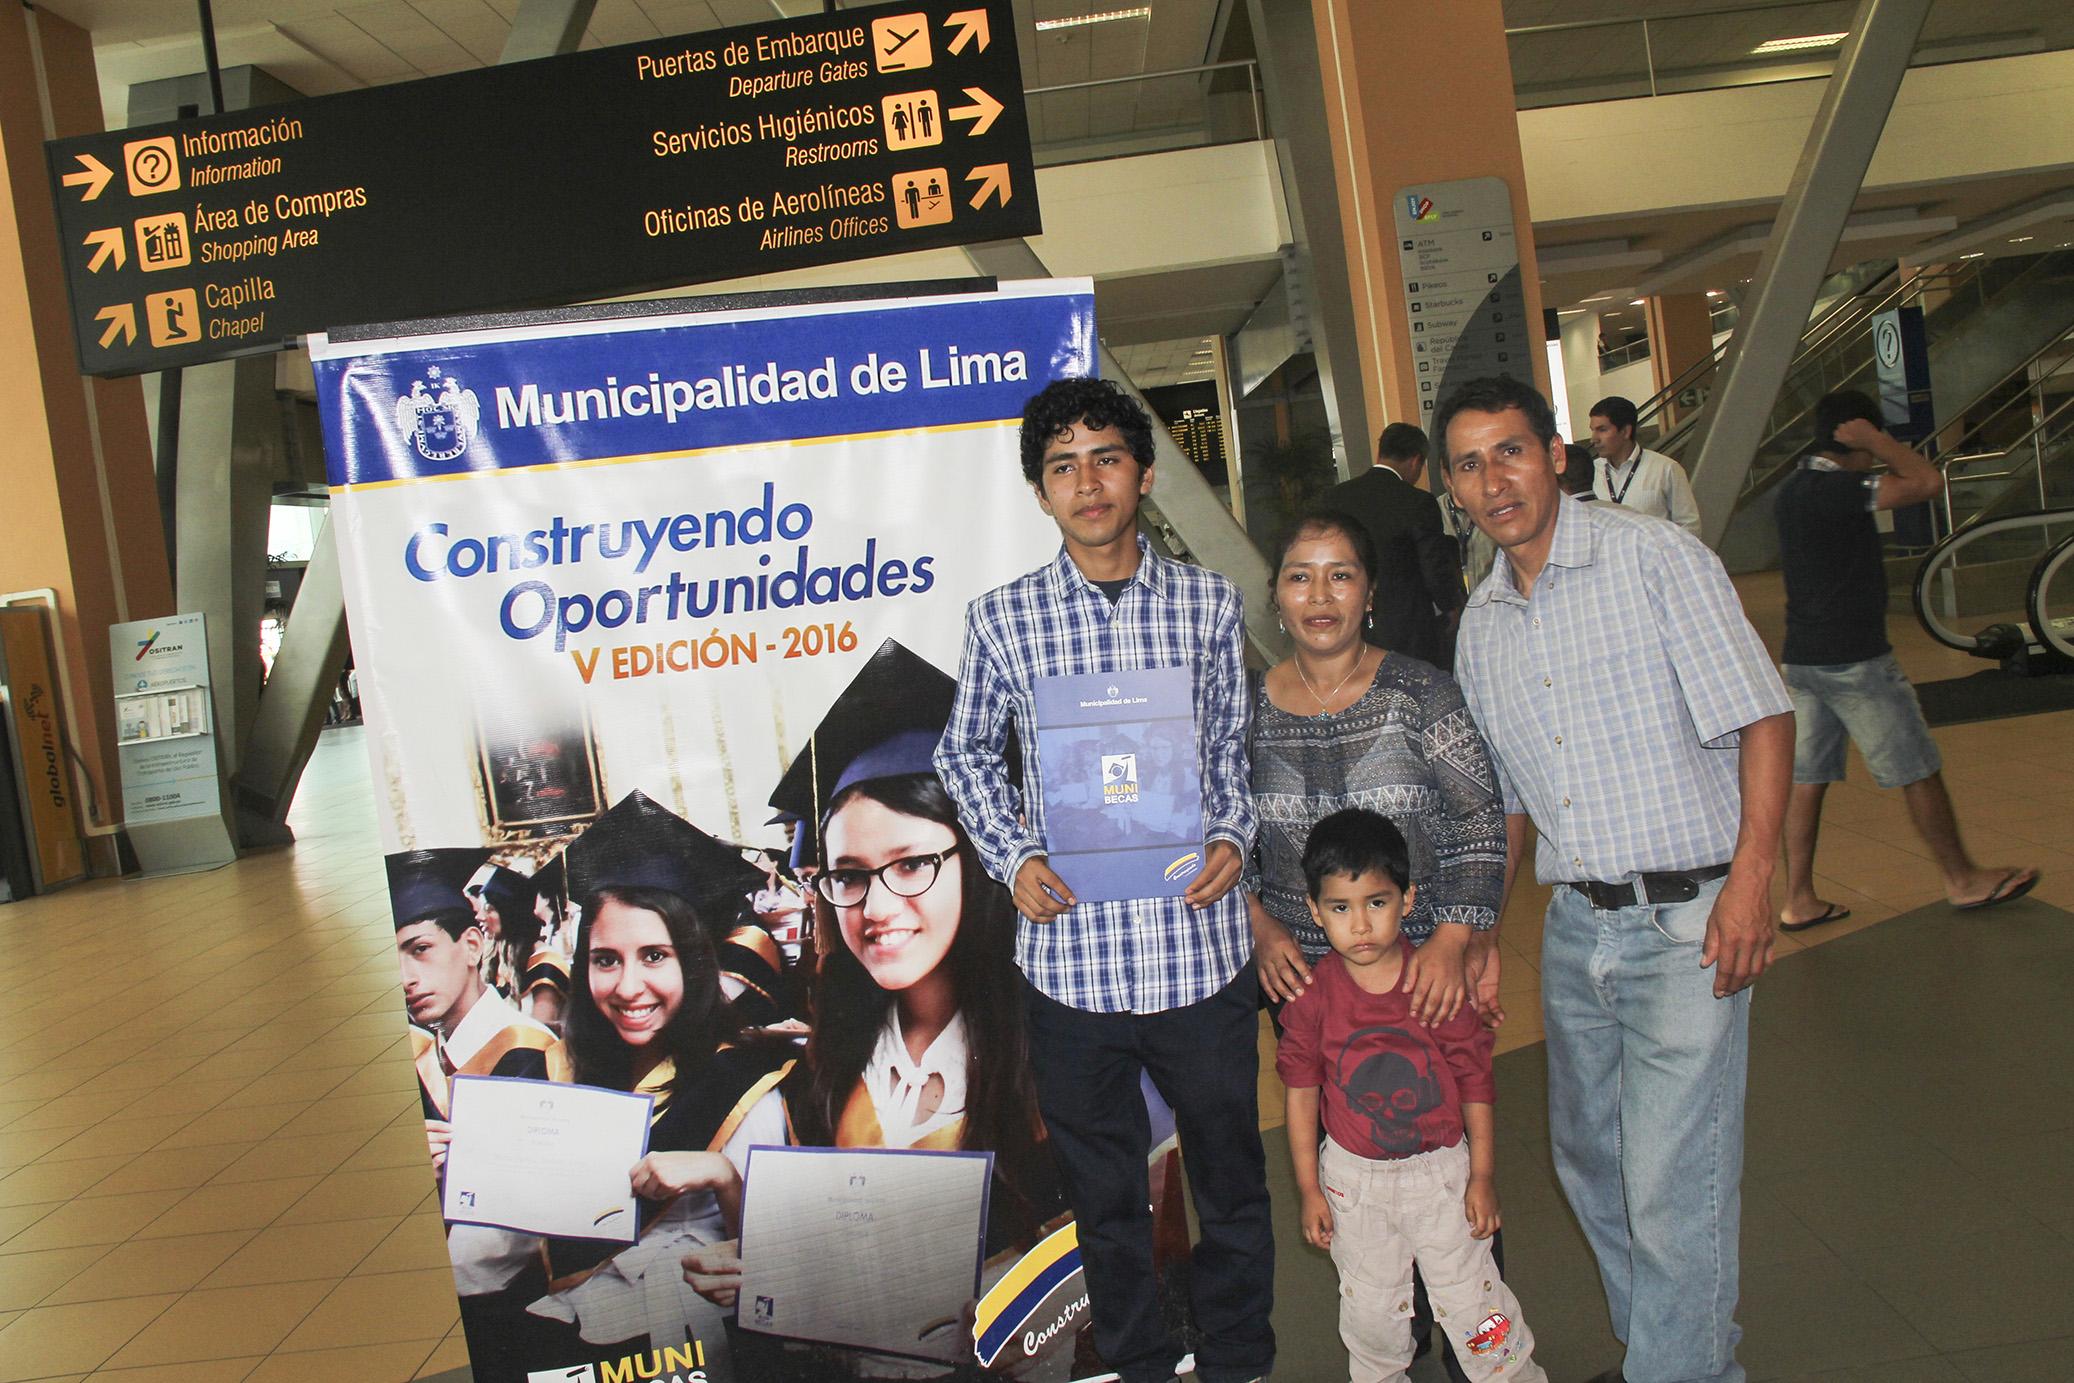 Familia de Frank Carbajal despidiéndose de él en el Aeropuerto Int. Jorge Chávez